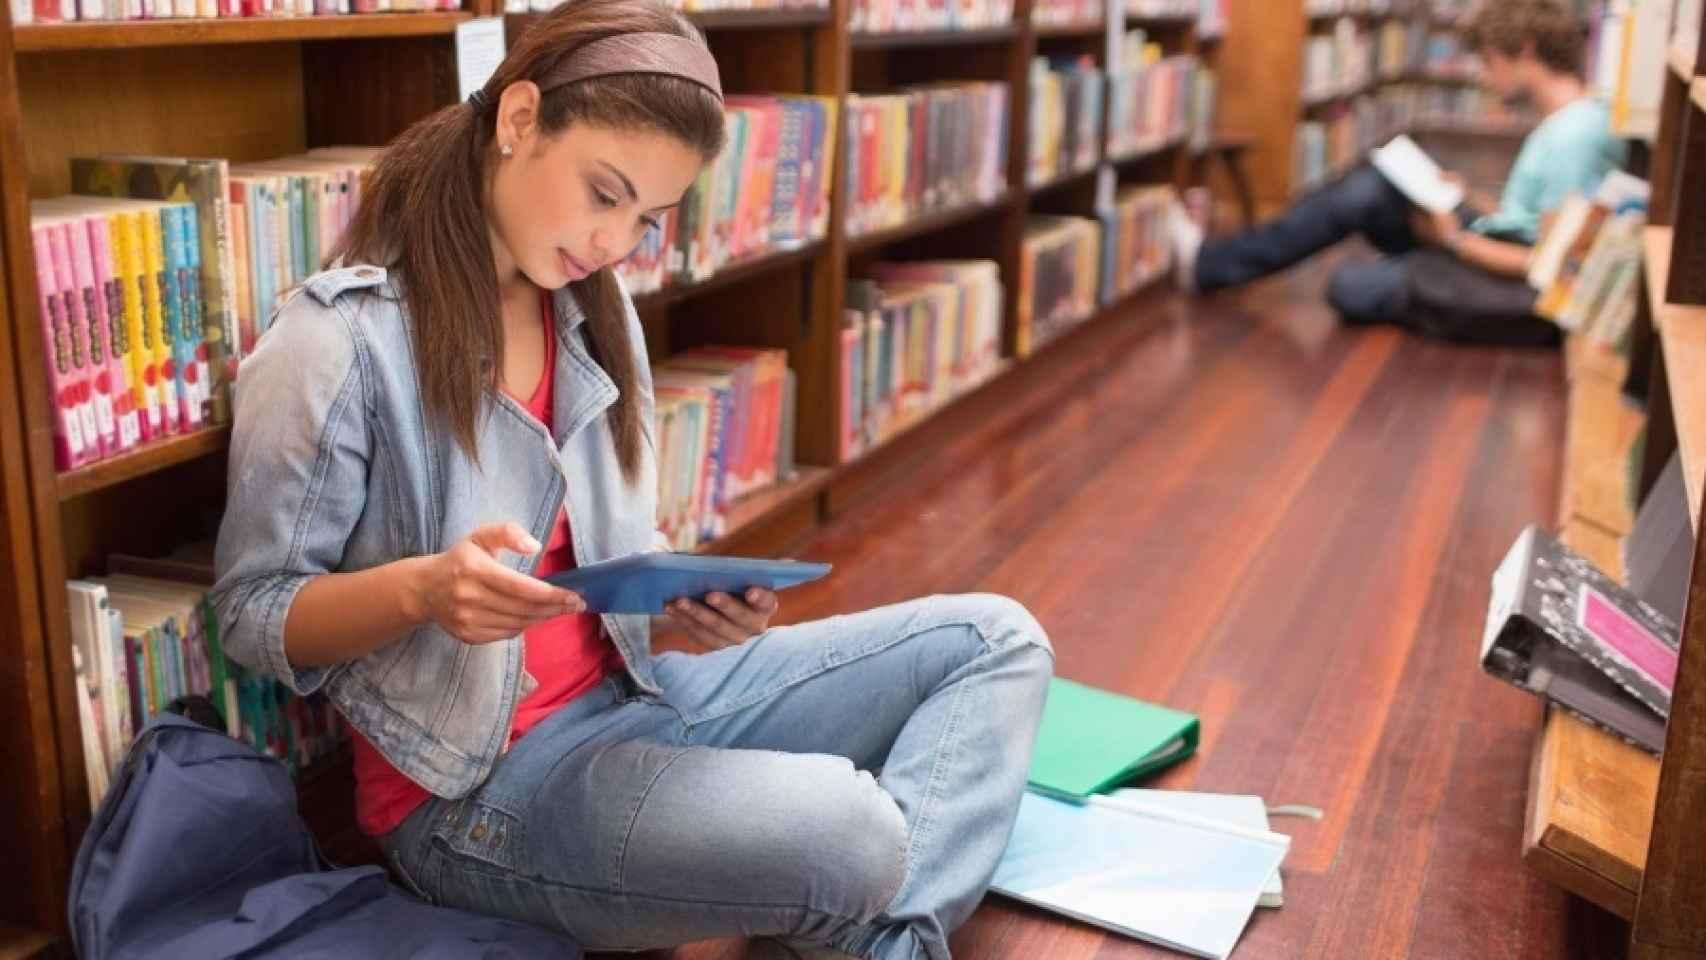 Una joven lee en una librería.